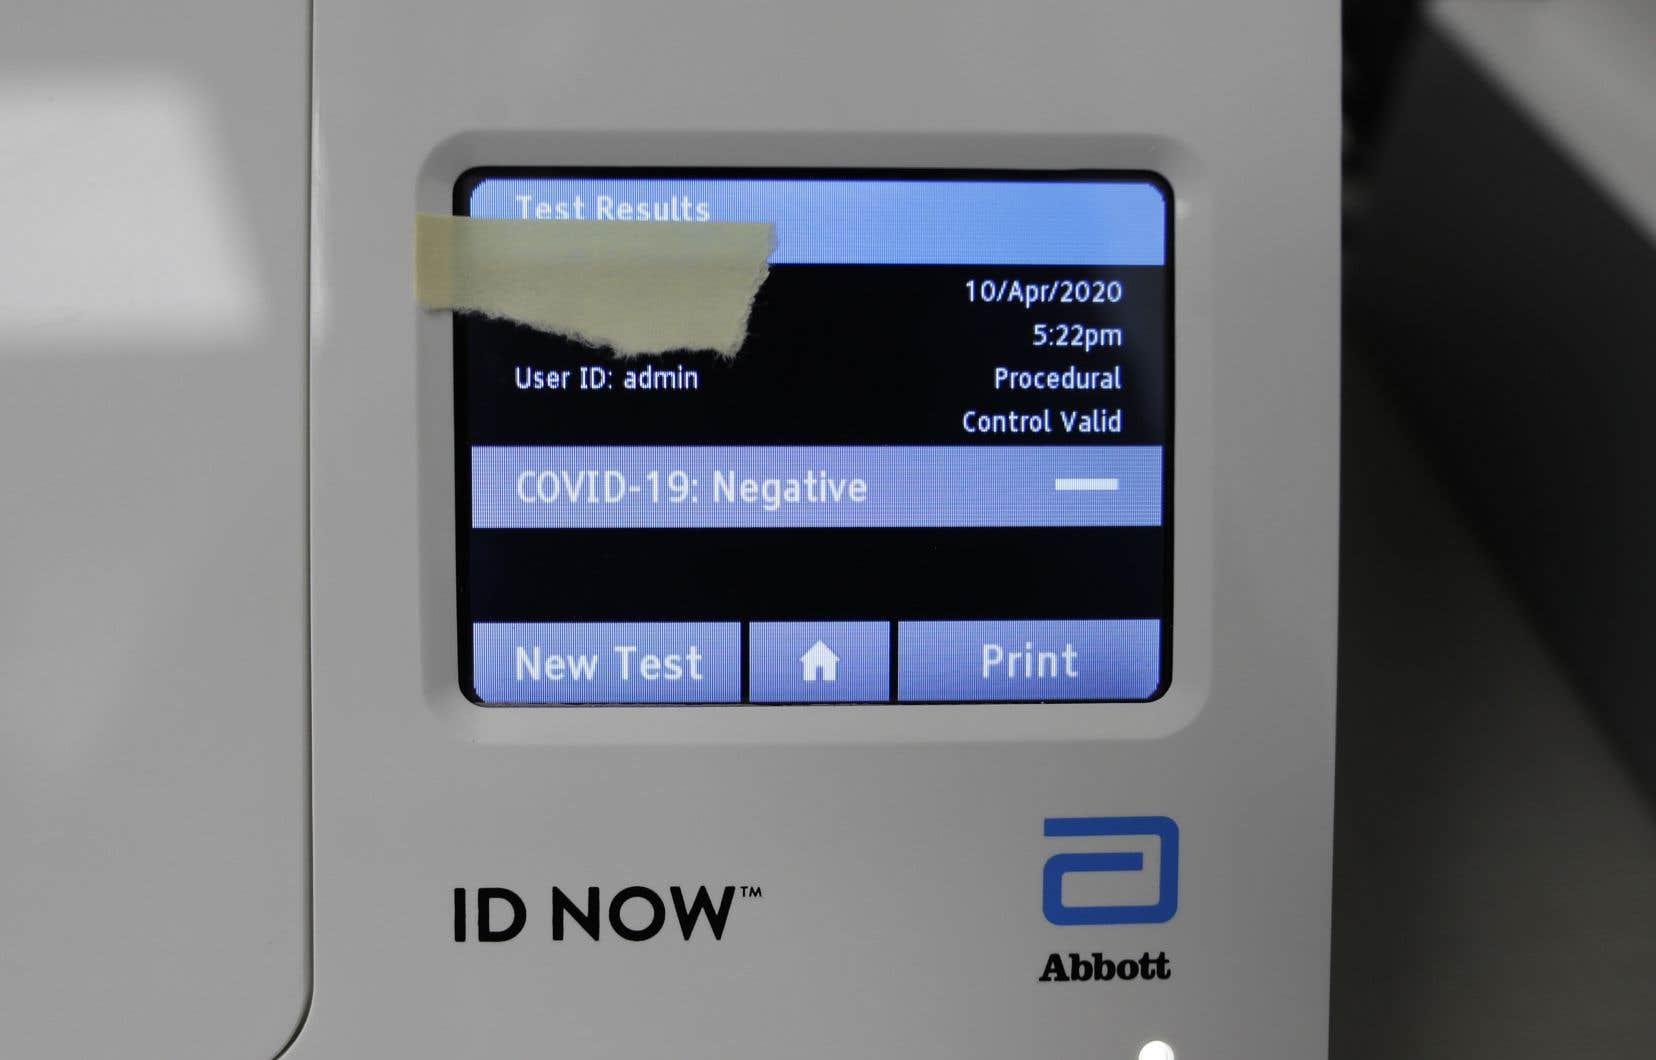 Les tests ID NOW d'Abbott permettent un dépistage en moins de 15 minutes.